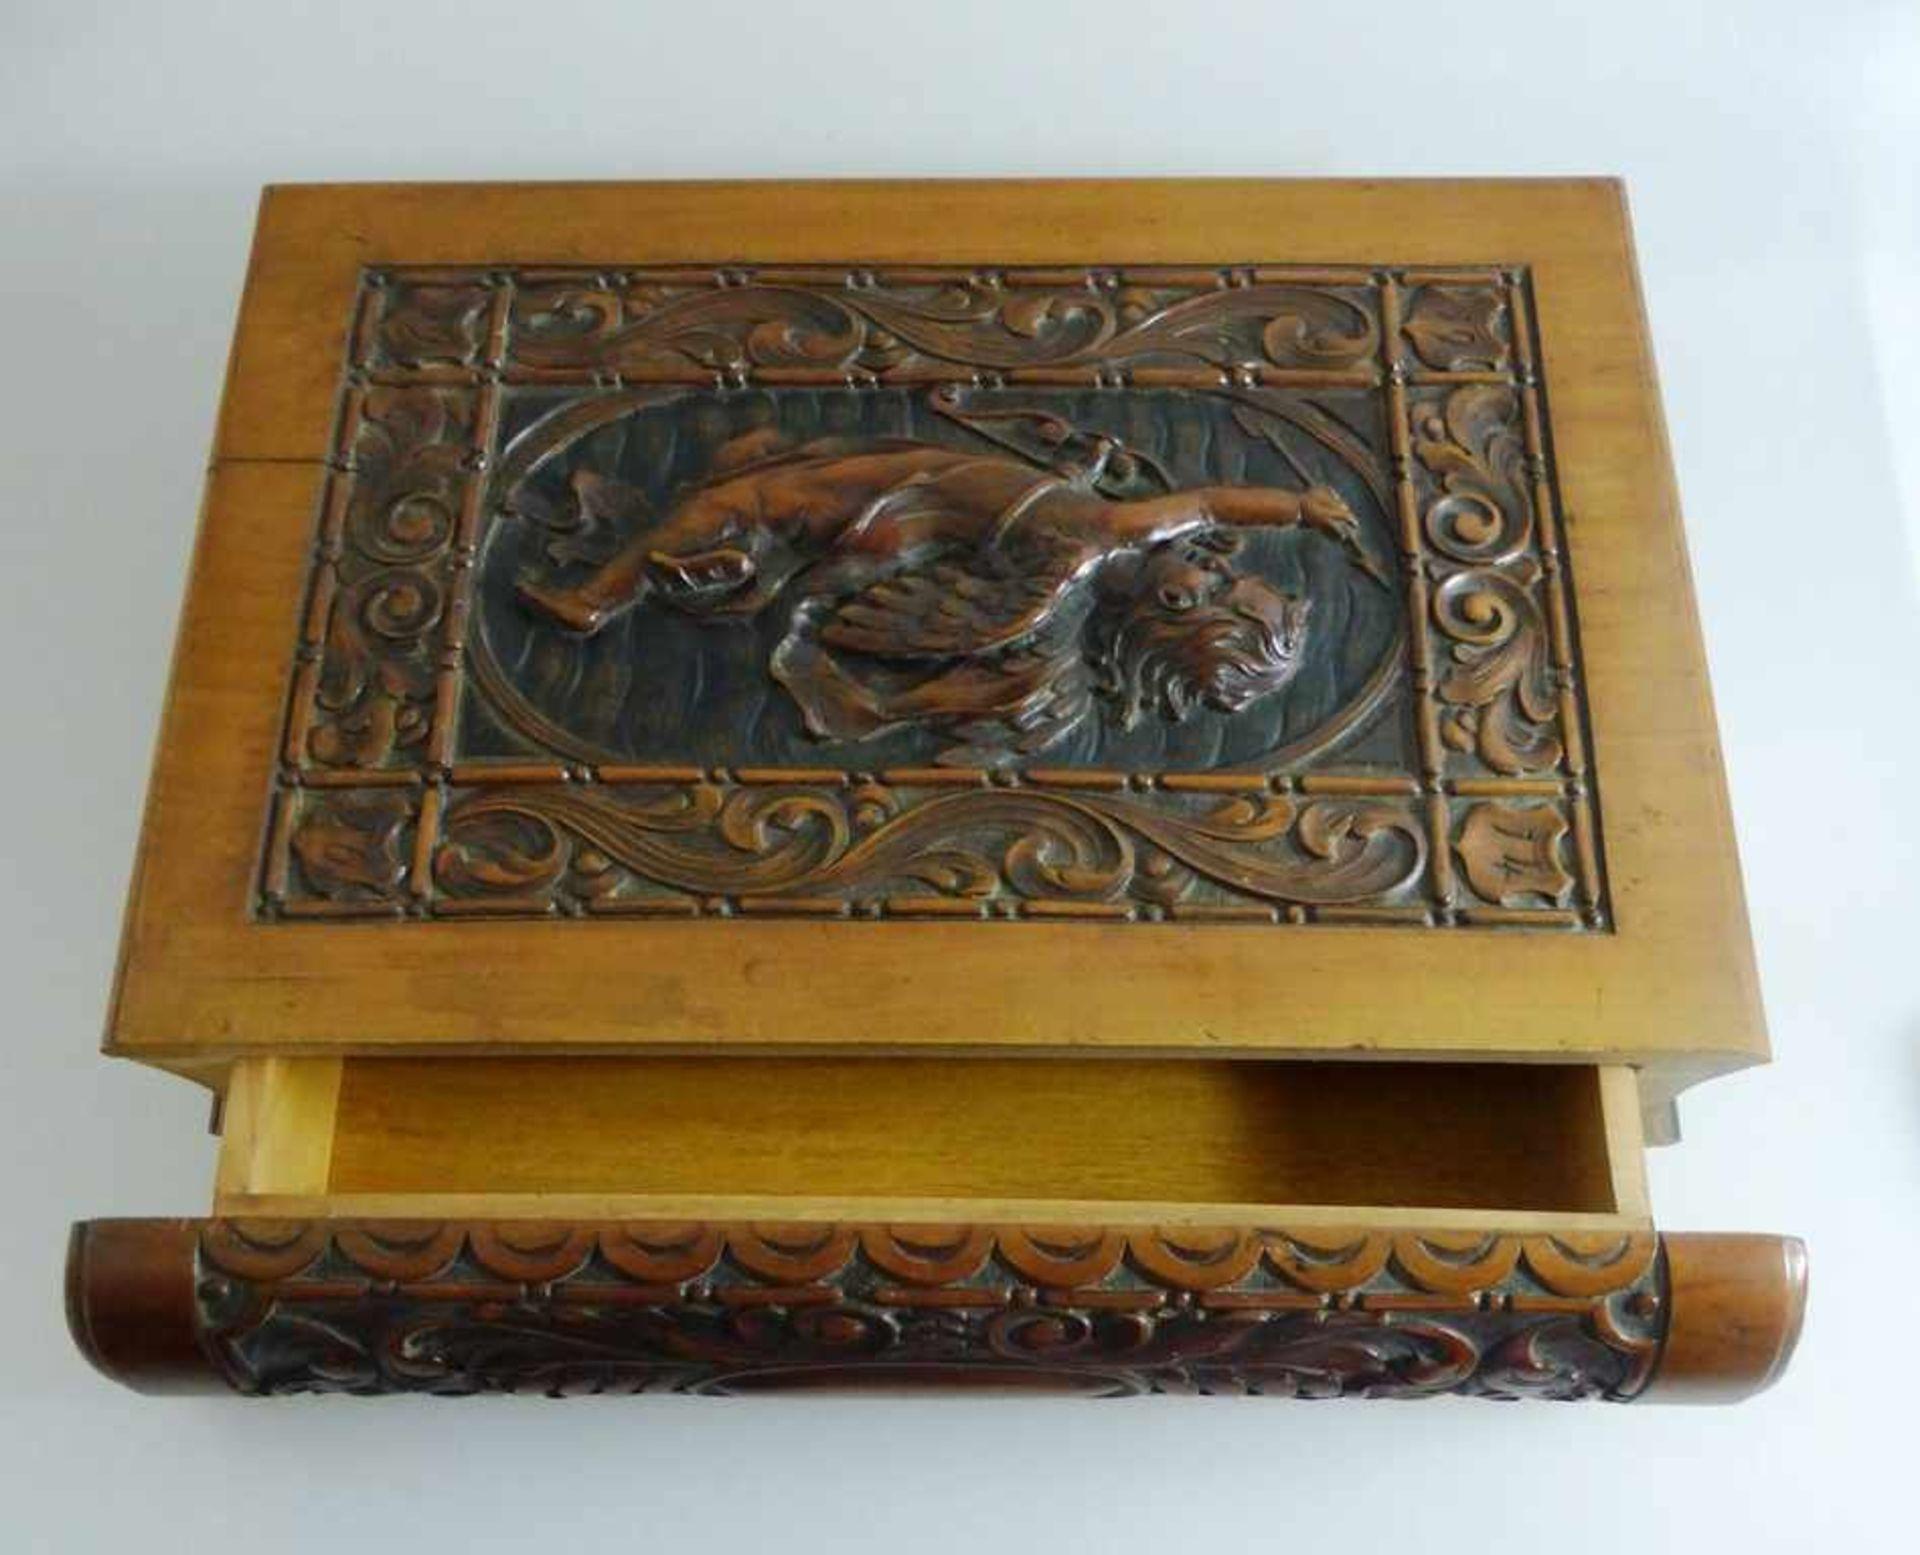 Dekorative Holzschatulle in Buchform, schauseitig reich beschnitzt mit Amor Darstellung,tlw. - Bild 2 aus 2